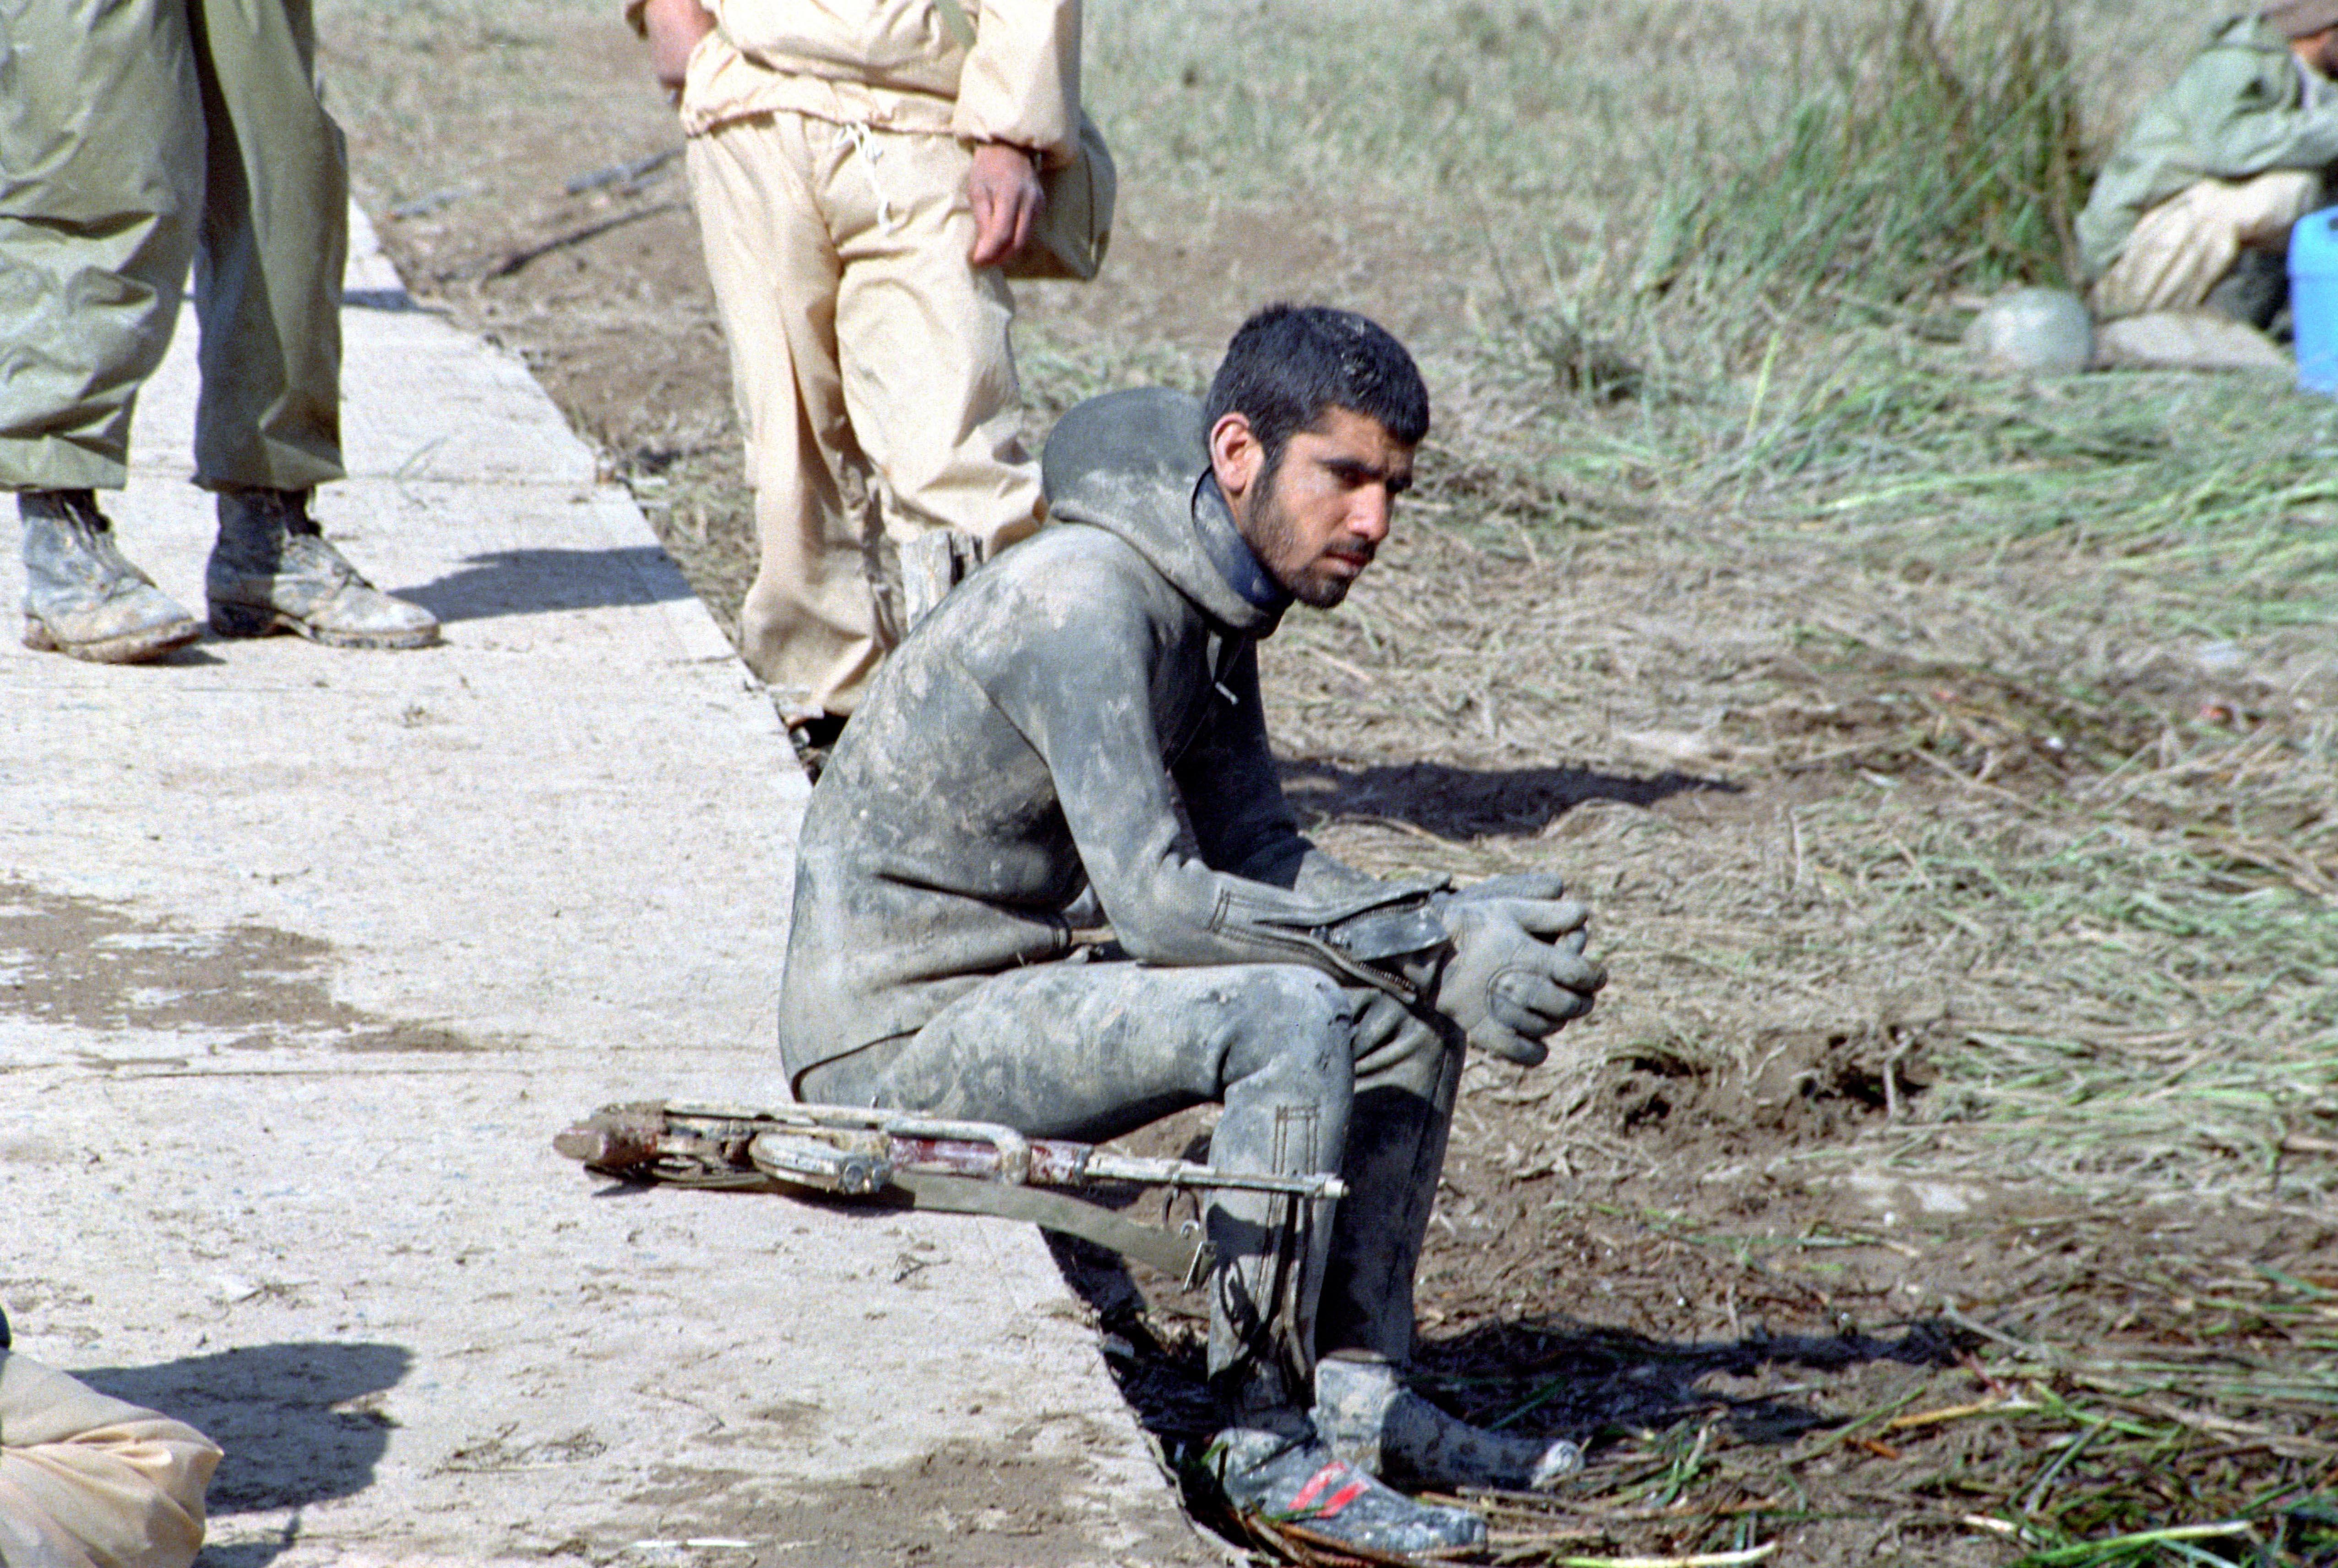 نیروهای بعثی جیب شهدا را خالی میکردند/ قطع بیسیم رزمندگان را سرگردان کرد